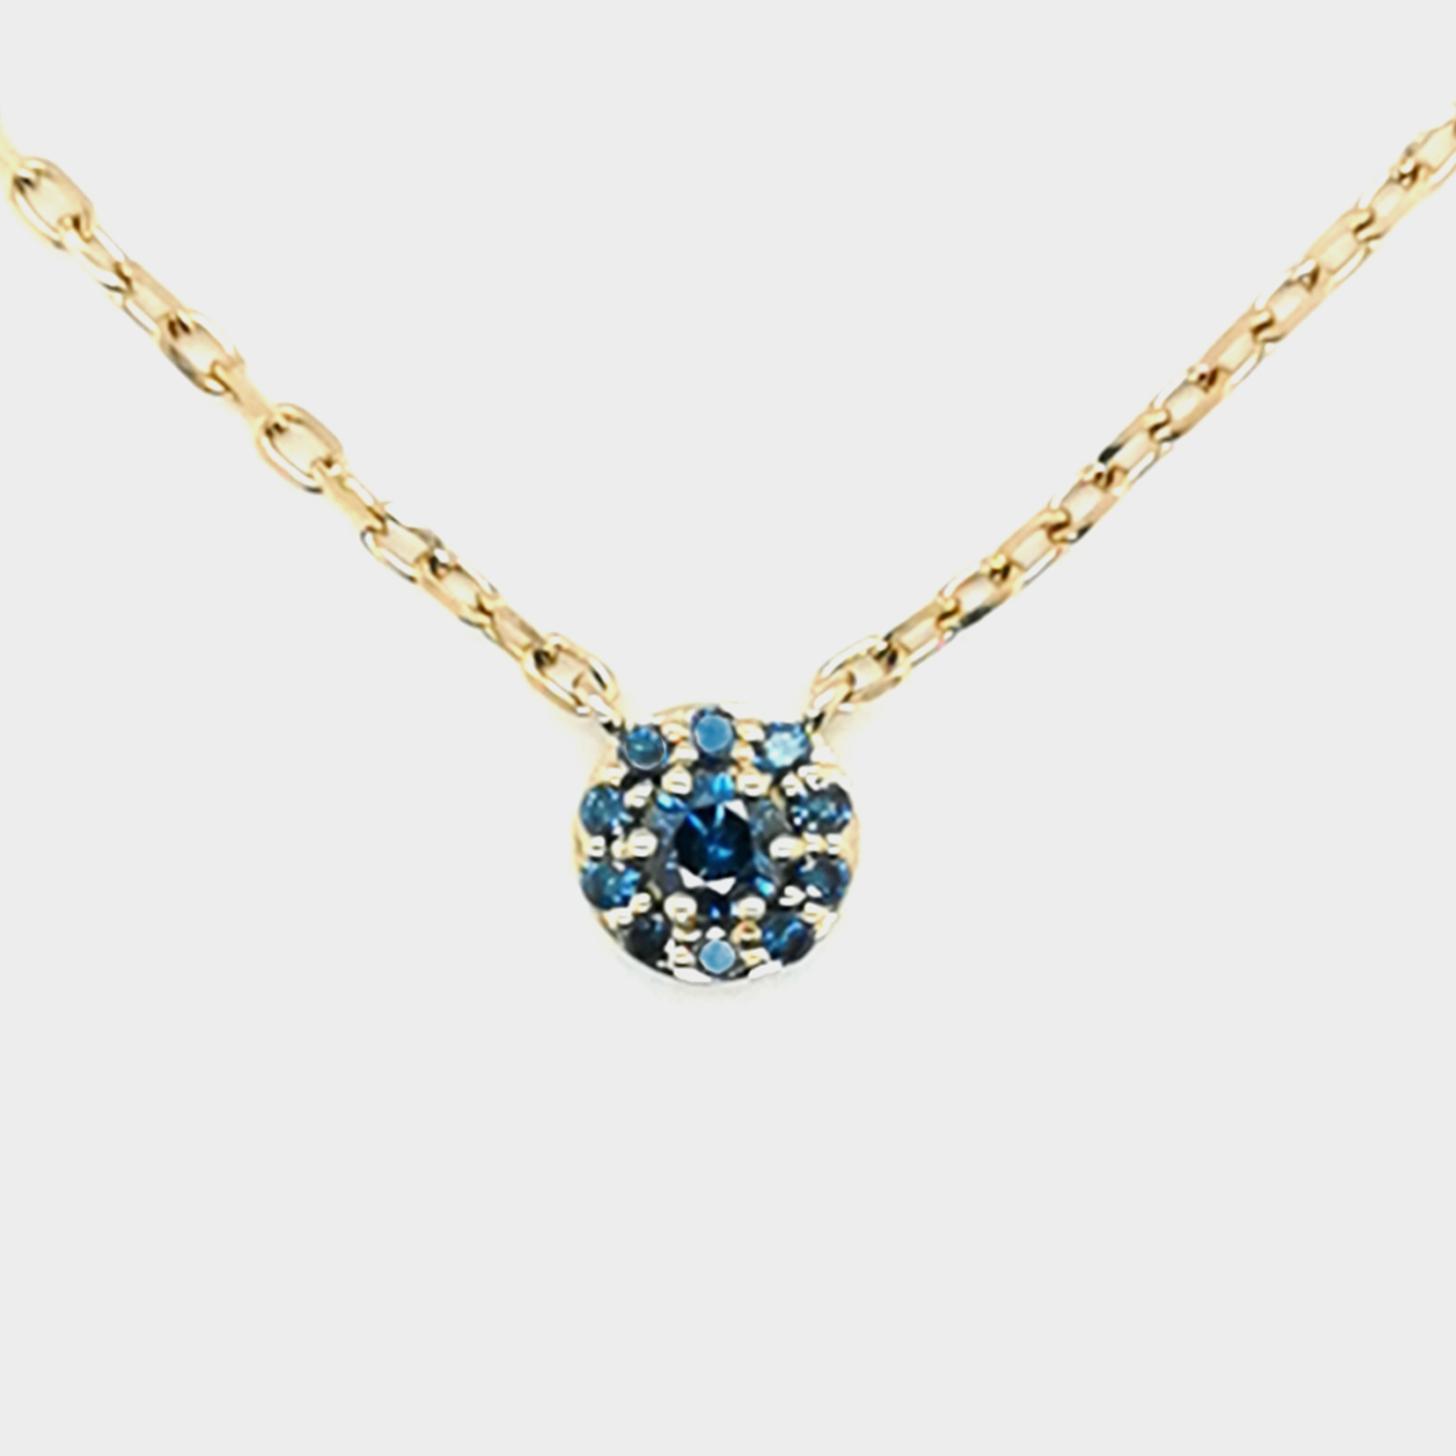 Brillant blau, beh gesamt ca. 0,215 ct Edelstein, Gelbgold 585/000 Collier mit Anhänger, Sogni d´oro